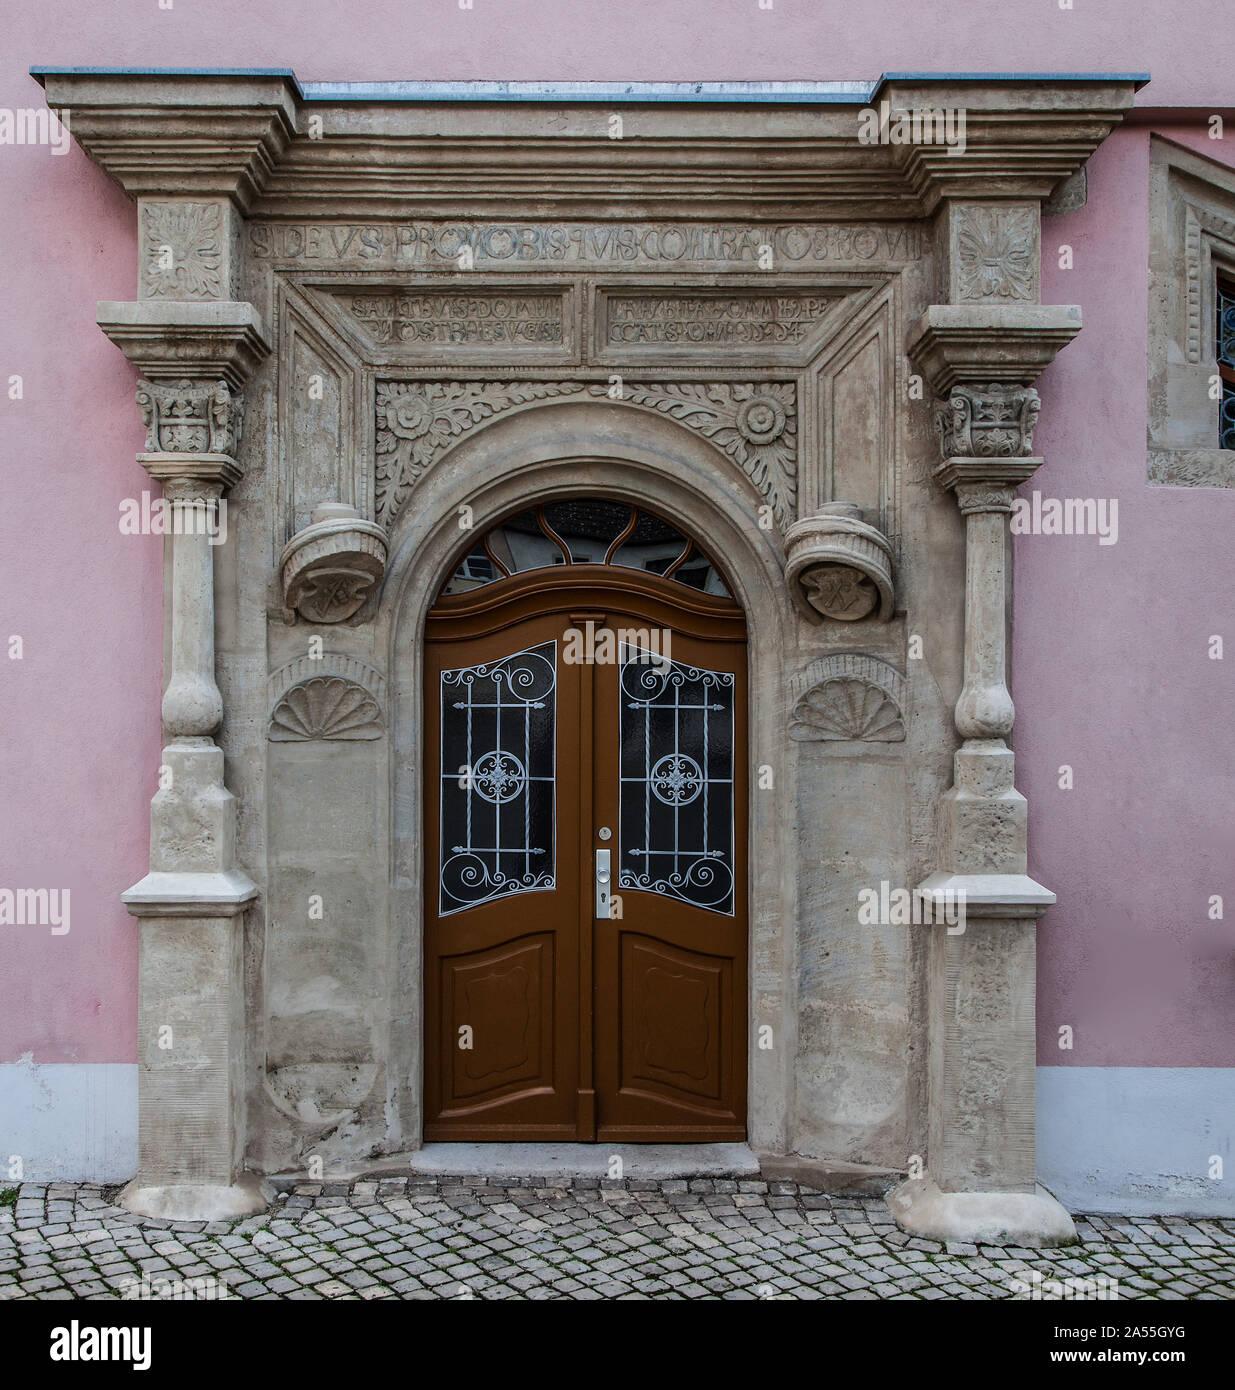 Freyburg Unstrut. Haus Markt 14. Renaissance-Sitznischenportal inschriftlich auf 1554 datiert Stock Photo